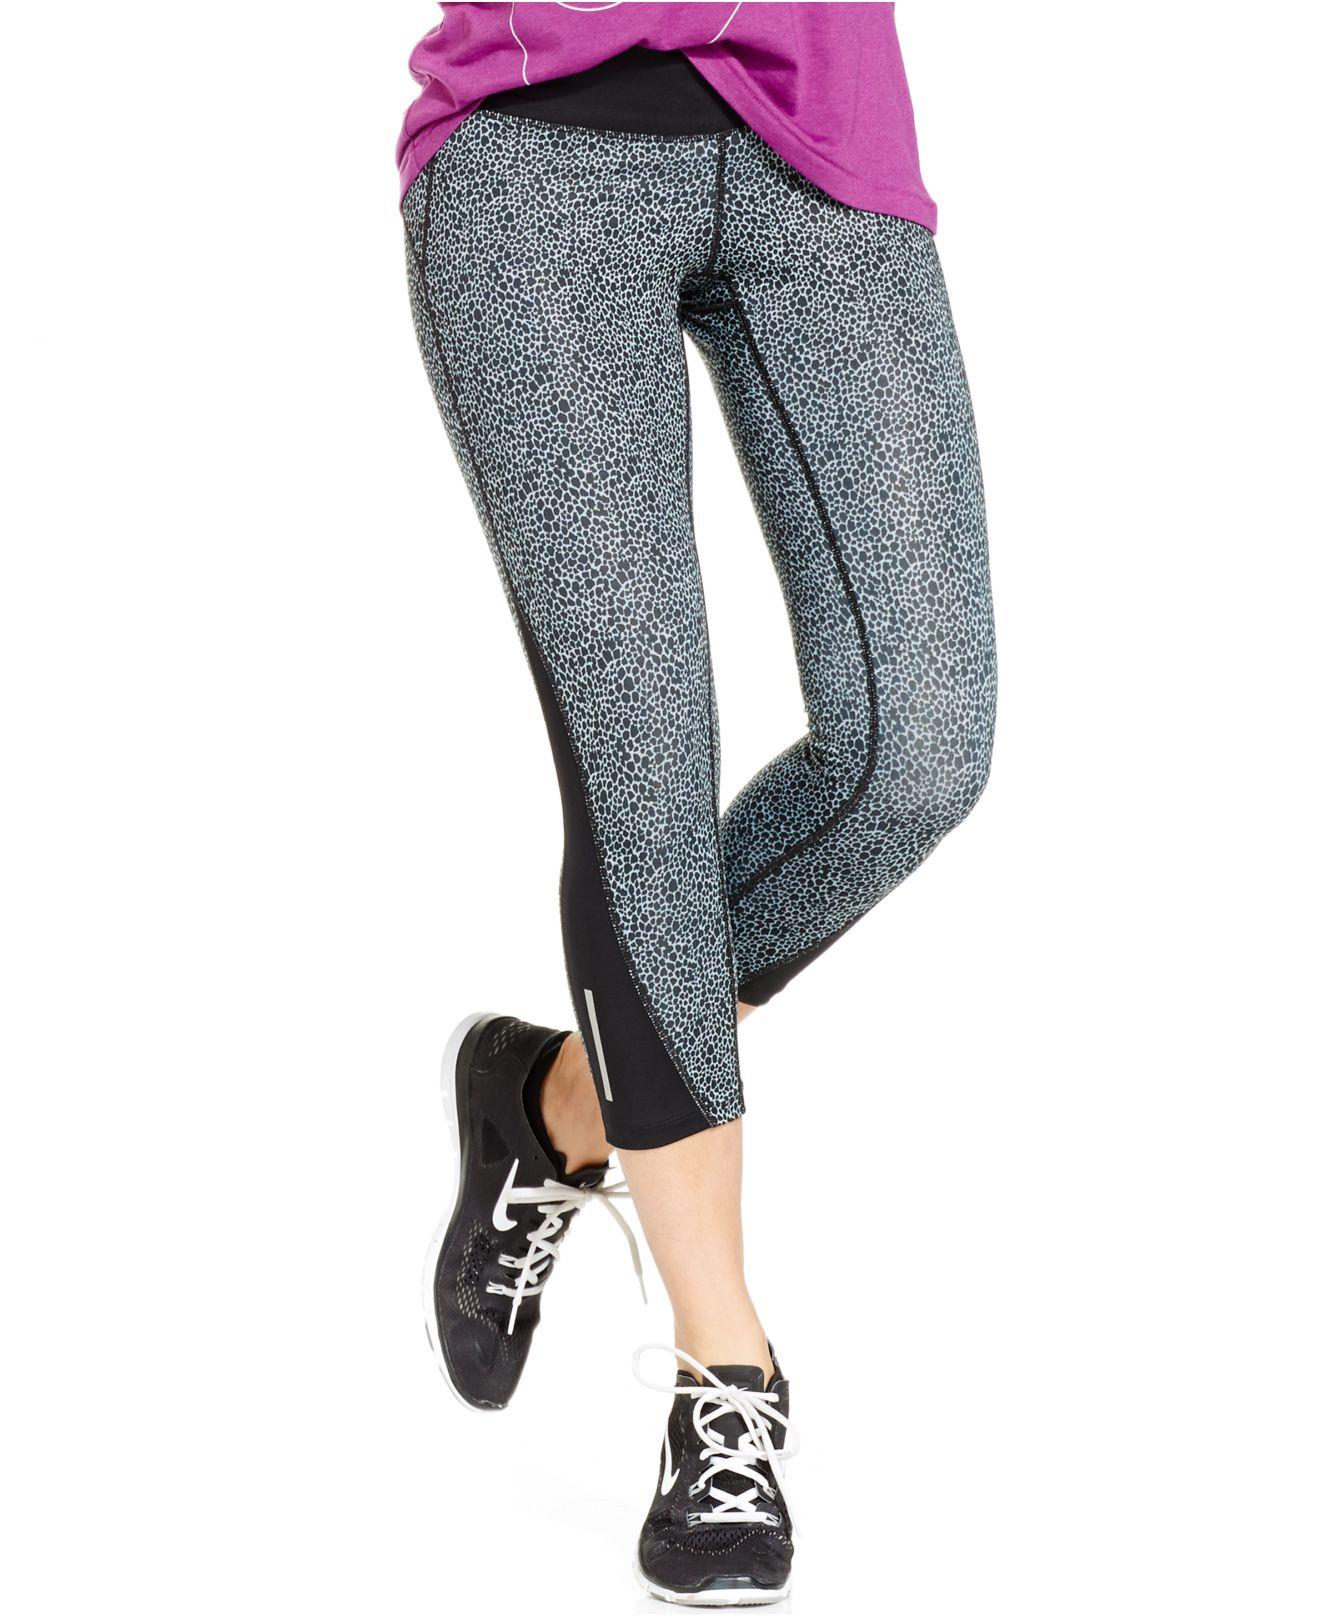 Nike Racer Printed Dri-fit Capri Leggings in Black | Lyst